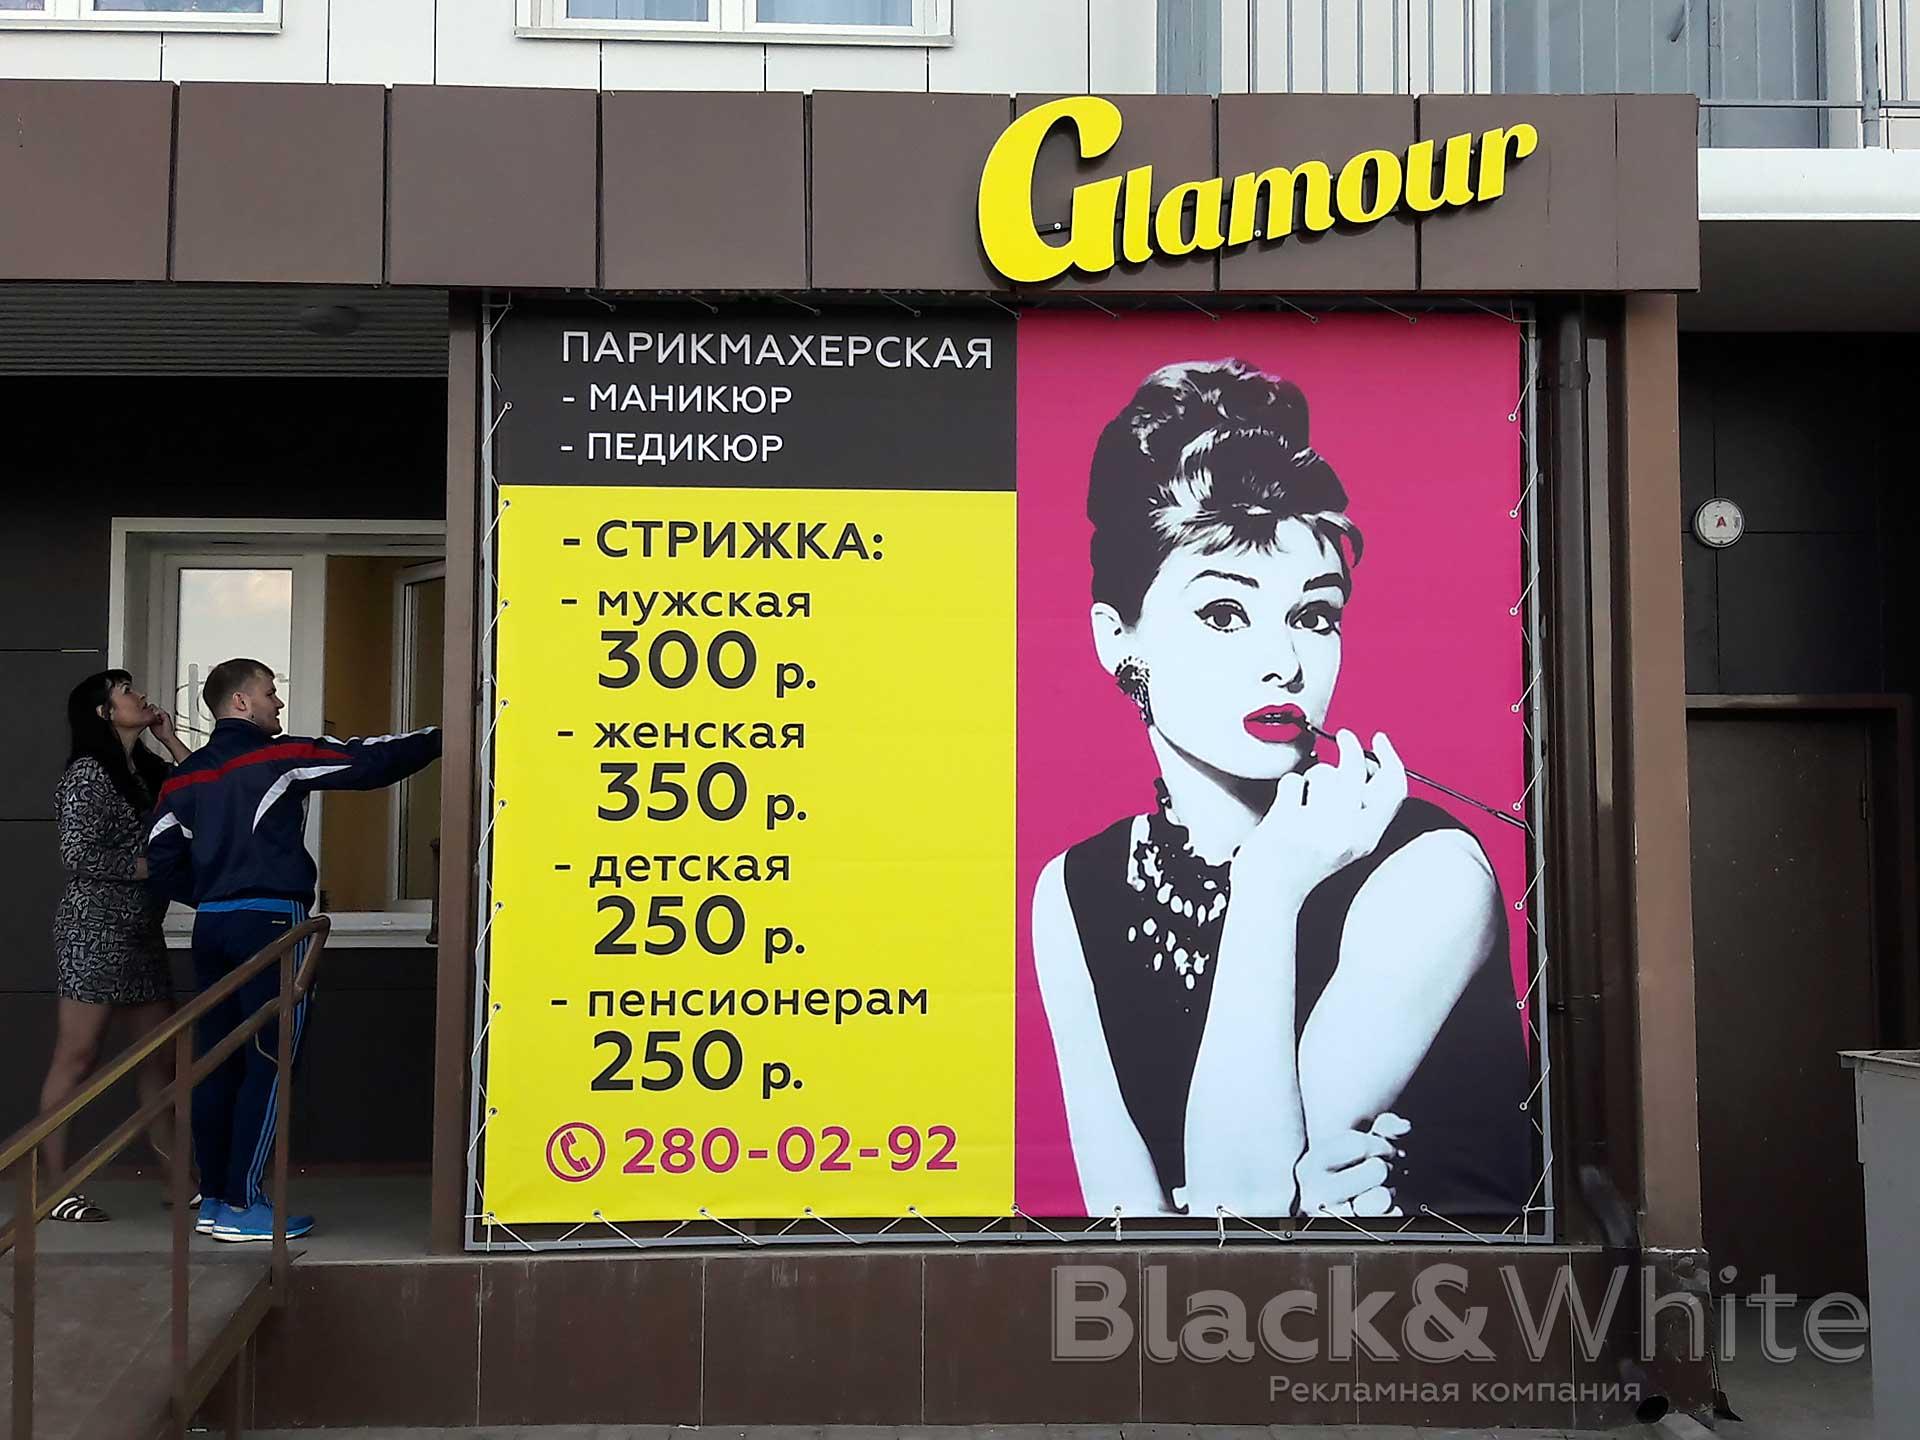 Вывеска-для-парикмахерской-на-заказ-в-Красноярске-объёмные-буквы-и-баннер.jpg